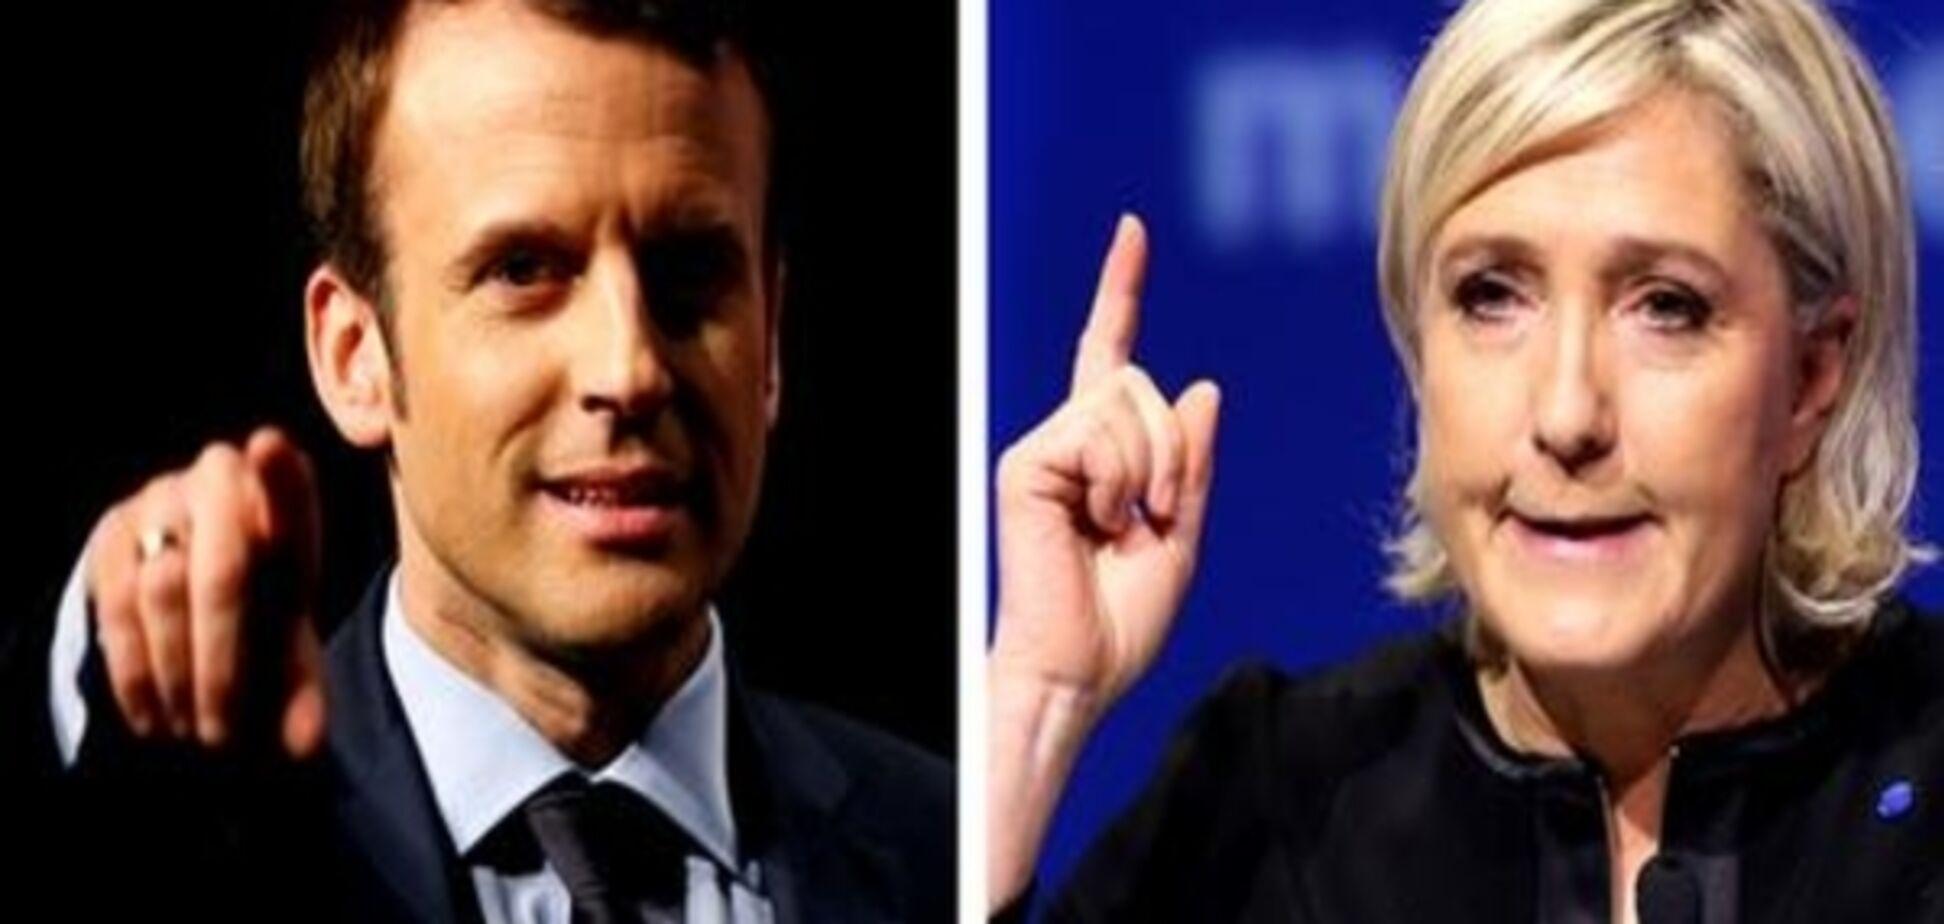 Макрон і Ле Пен виходять до другого туру виборів у Франції - екзит-поли